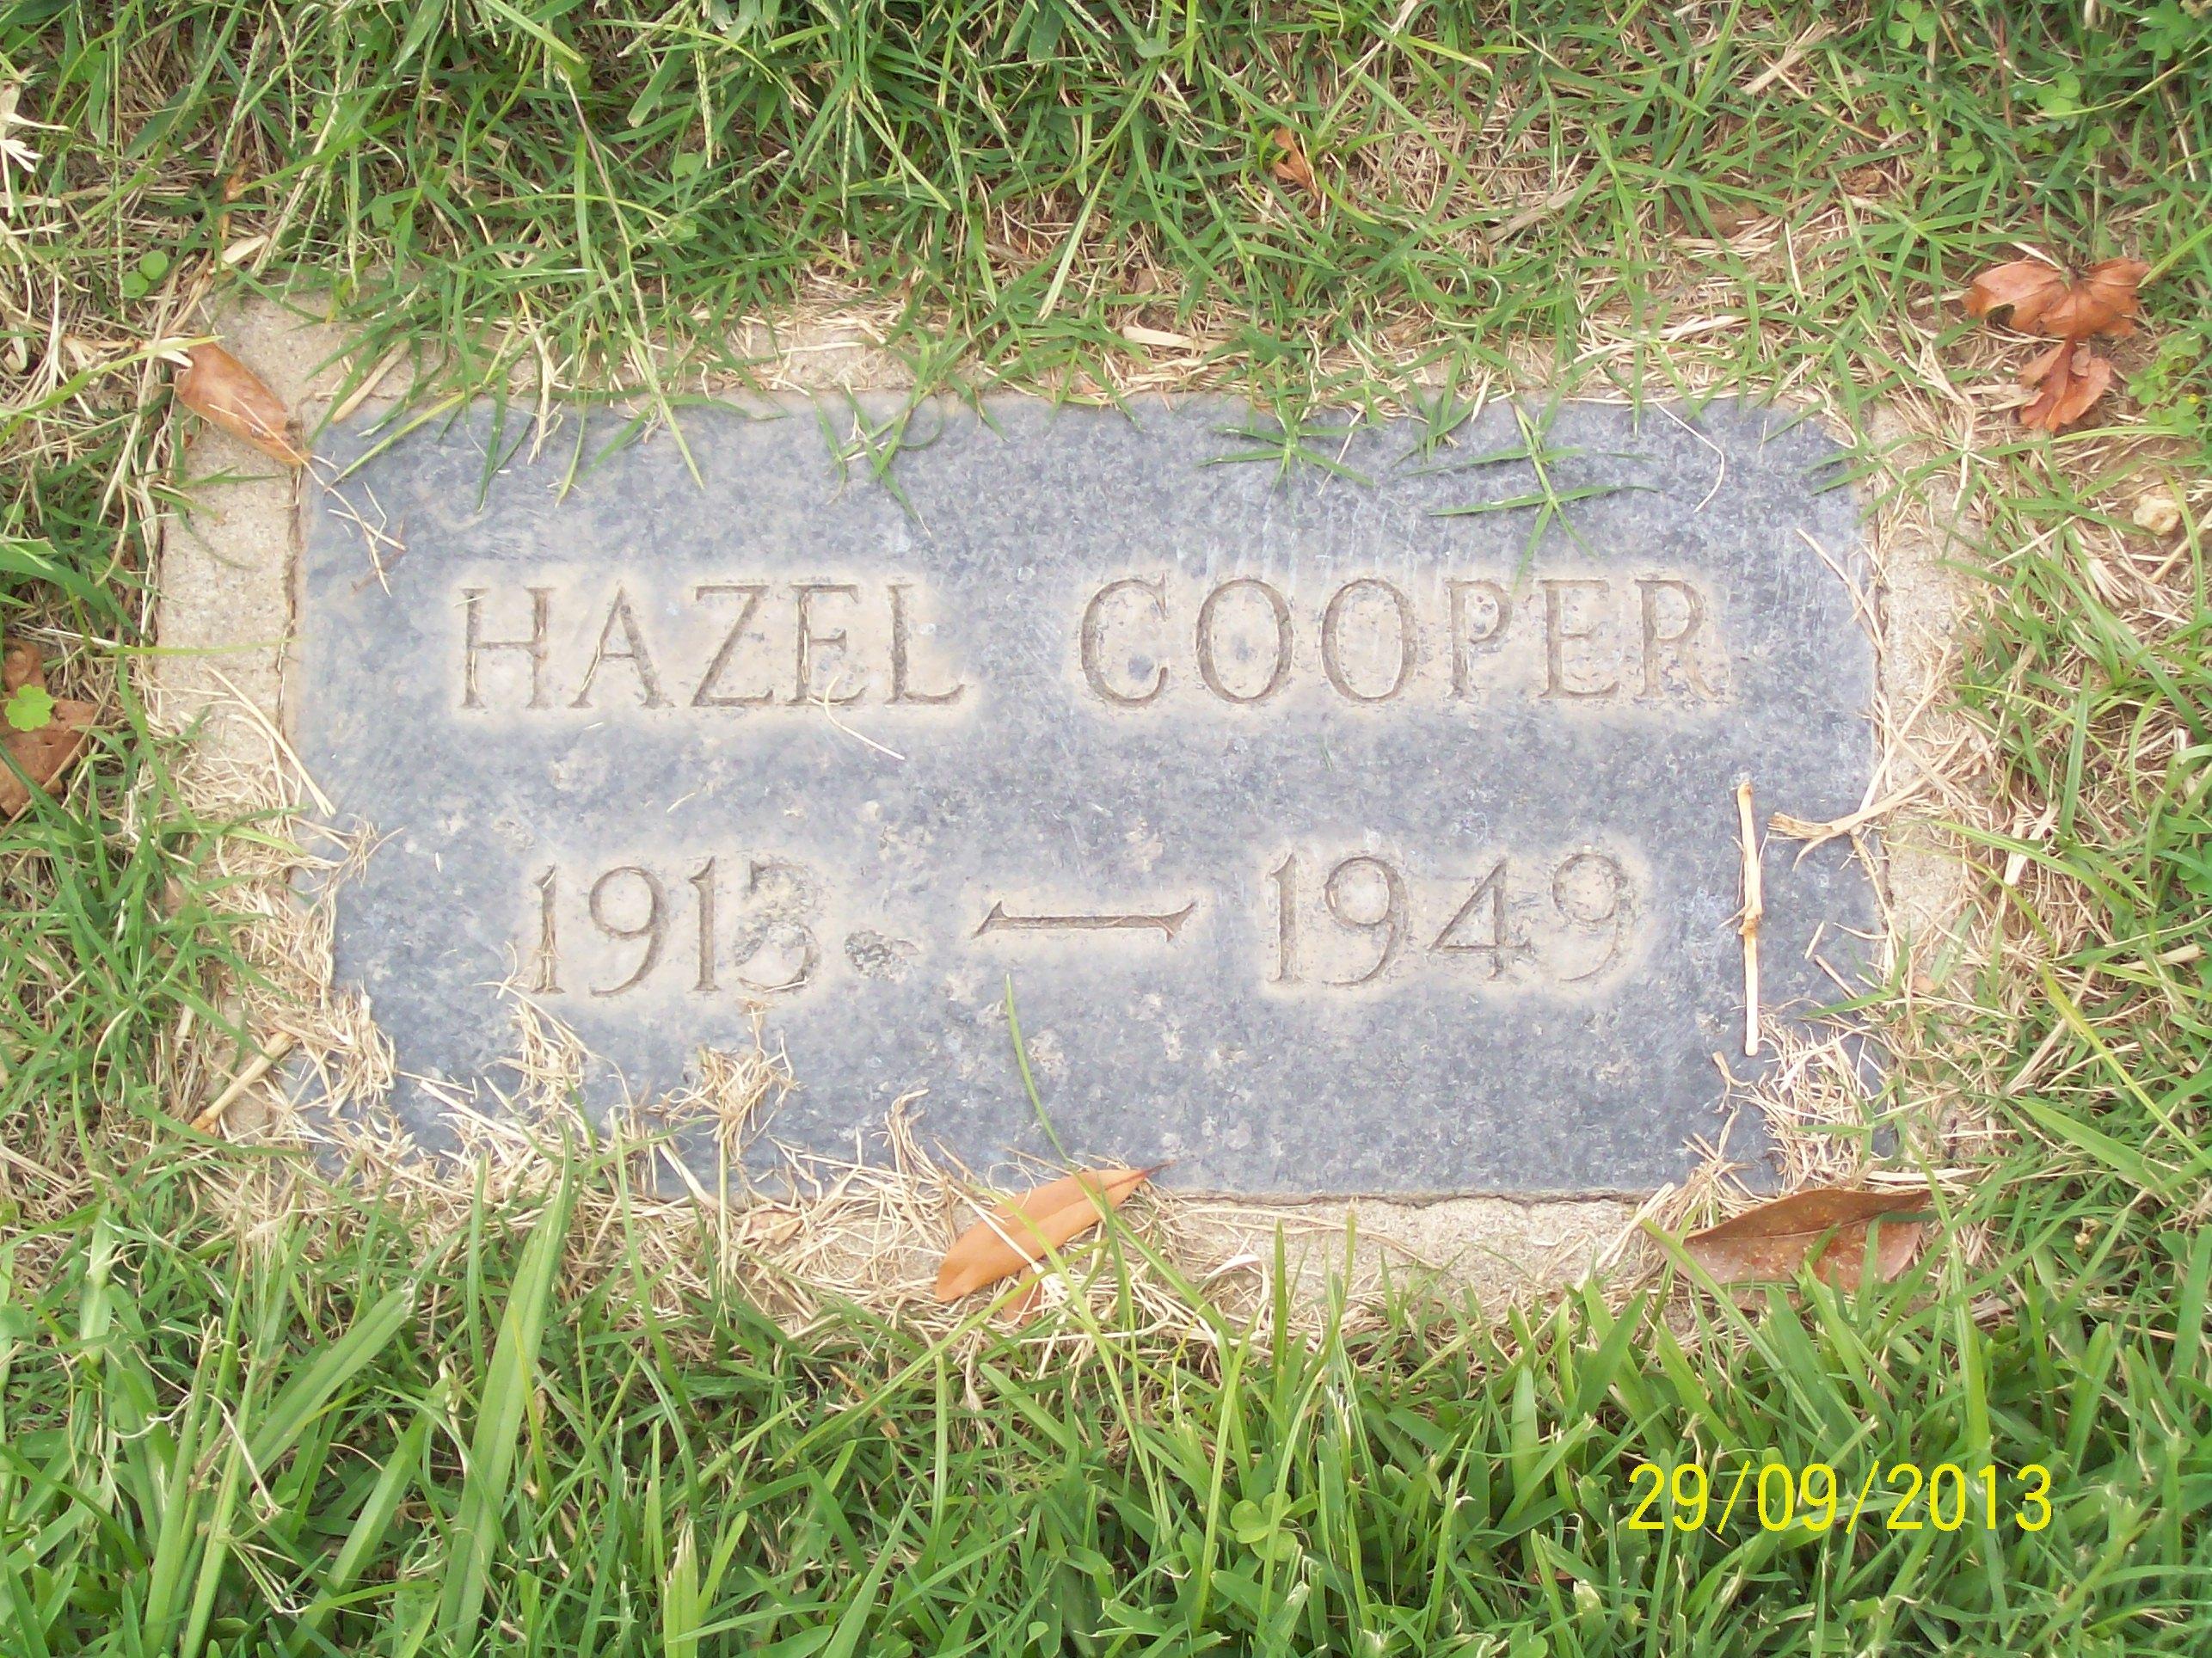 Hazel Cooper